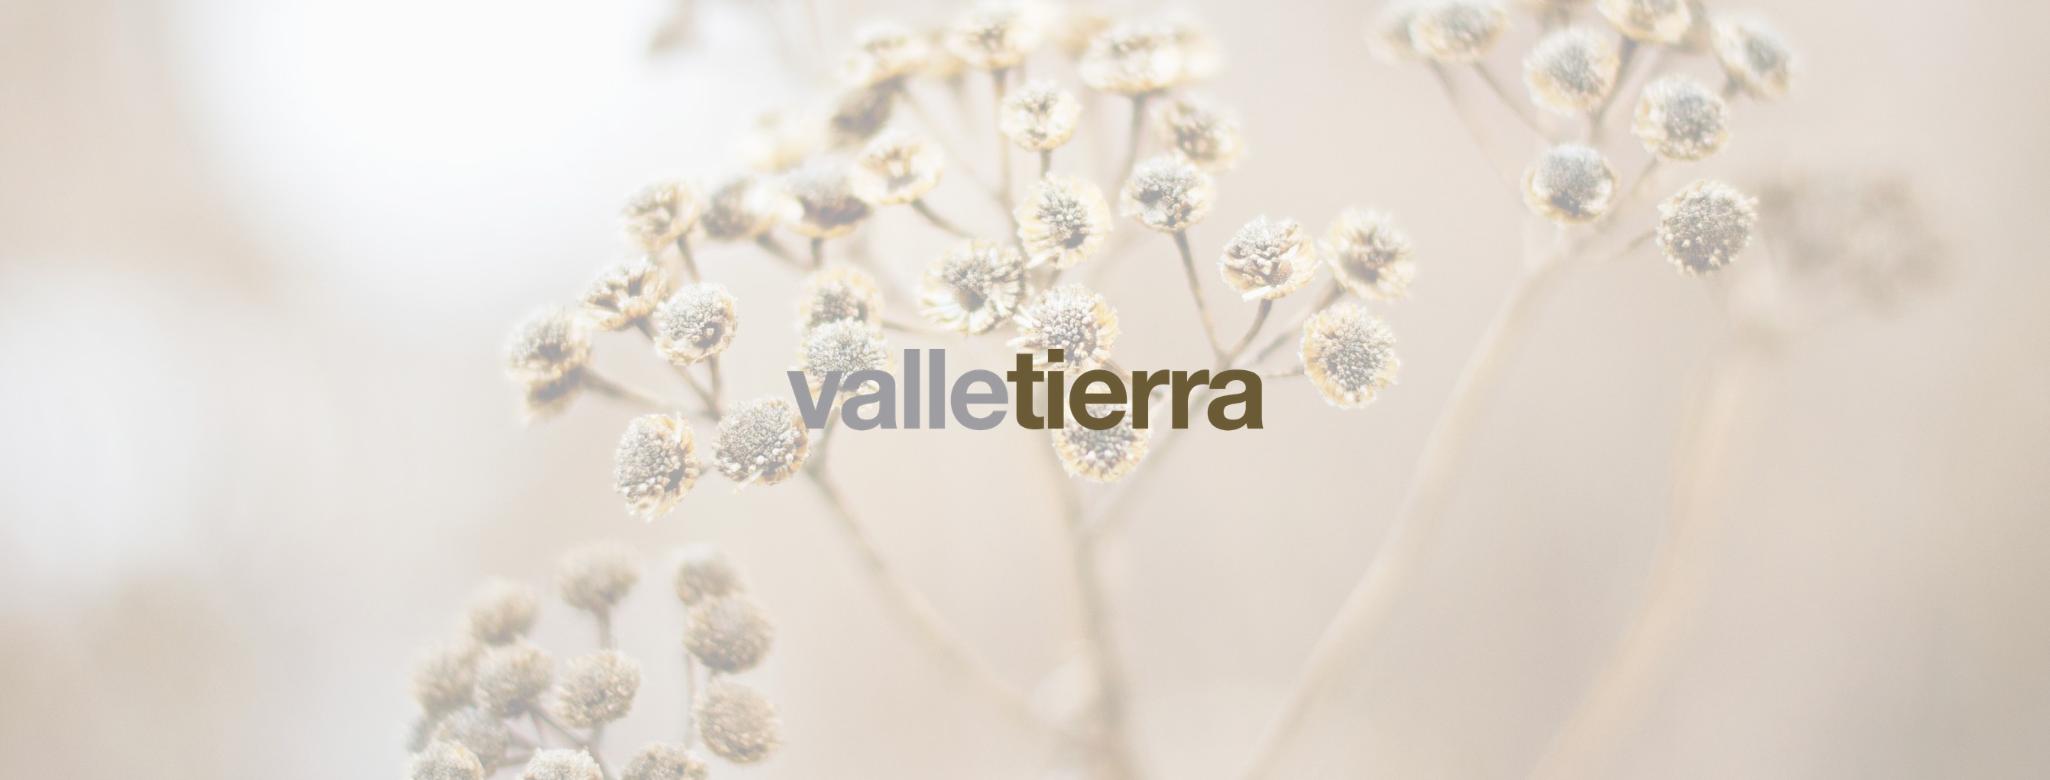 valletierra